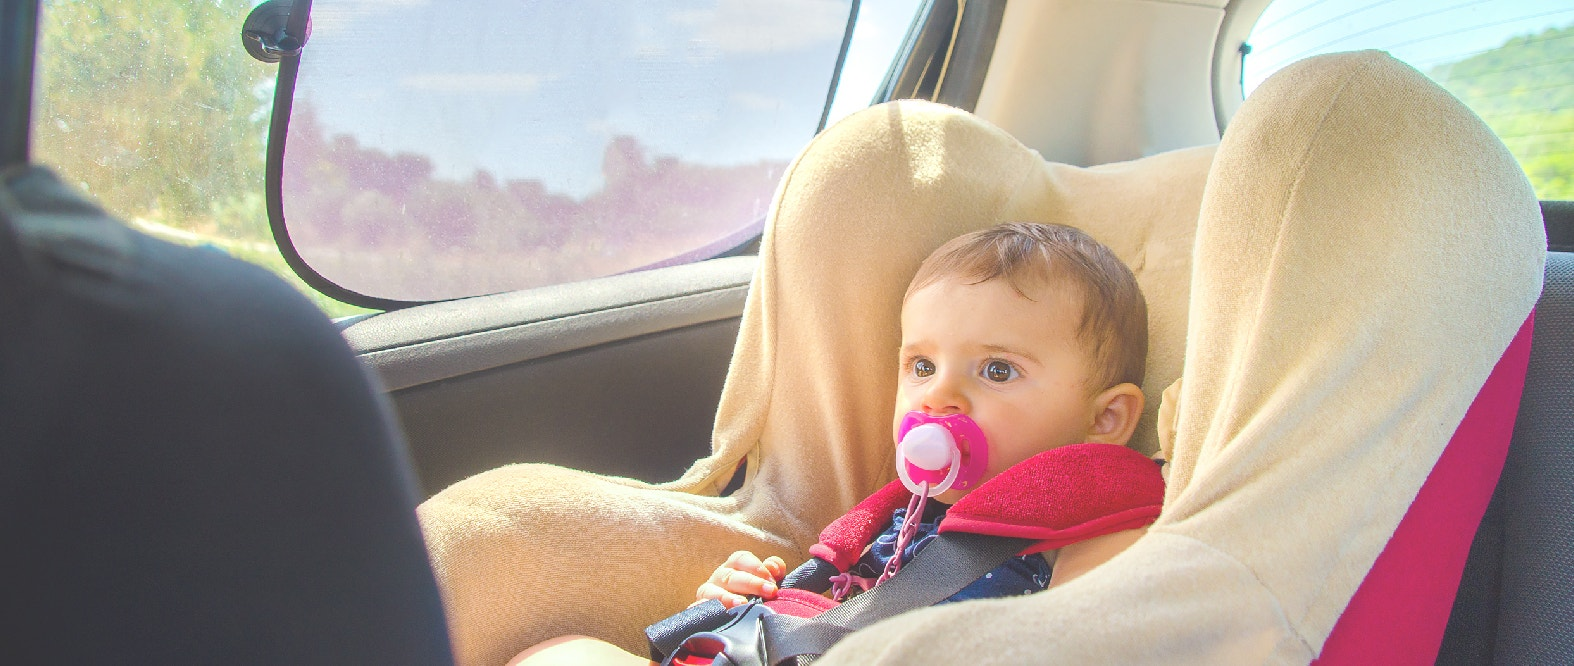 ¿Cómo evitar un golpe de calor en el auto?